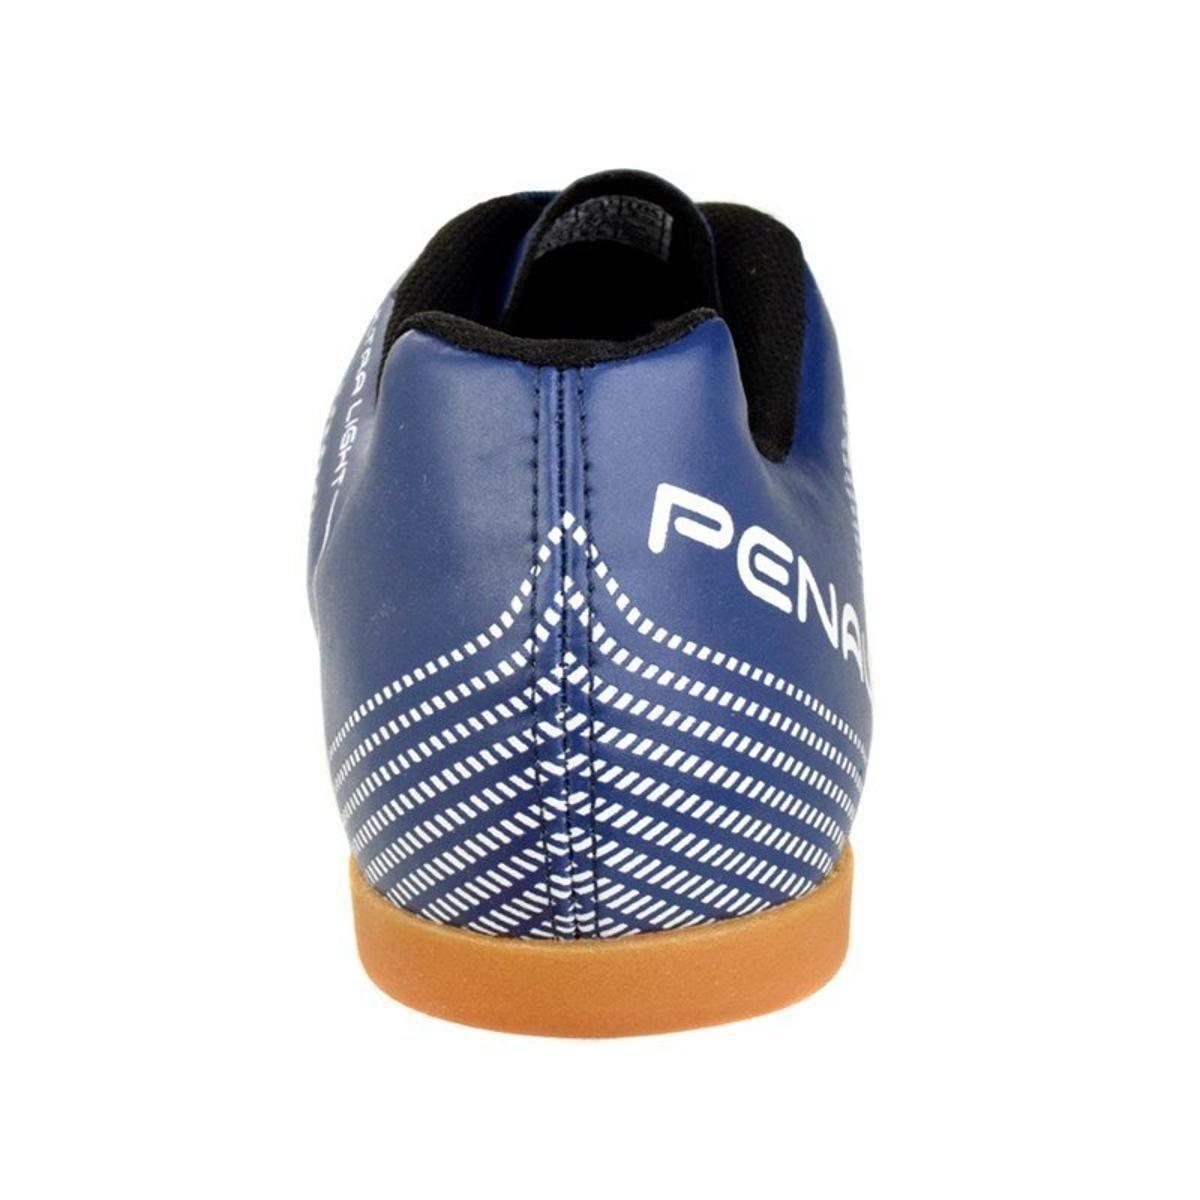 d7aa15b3a5 Tênis de Futsal Penalty Amazonas Masculino - Azul - Compre Agora ...